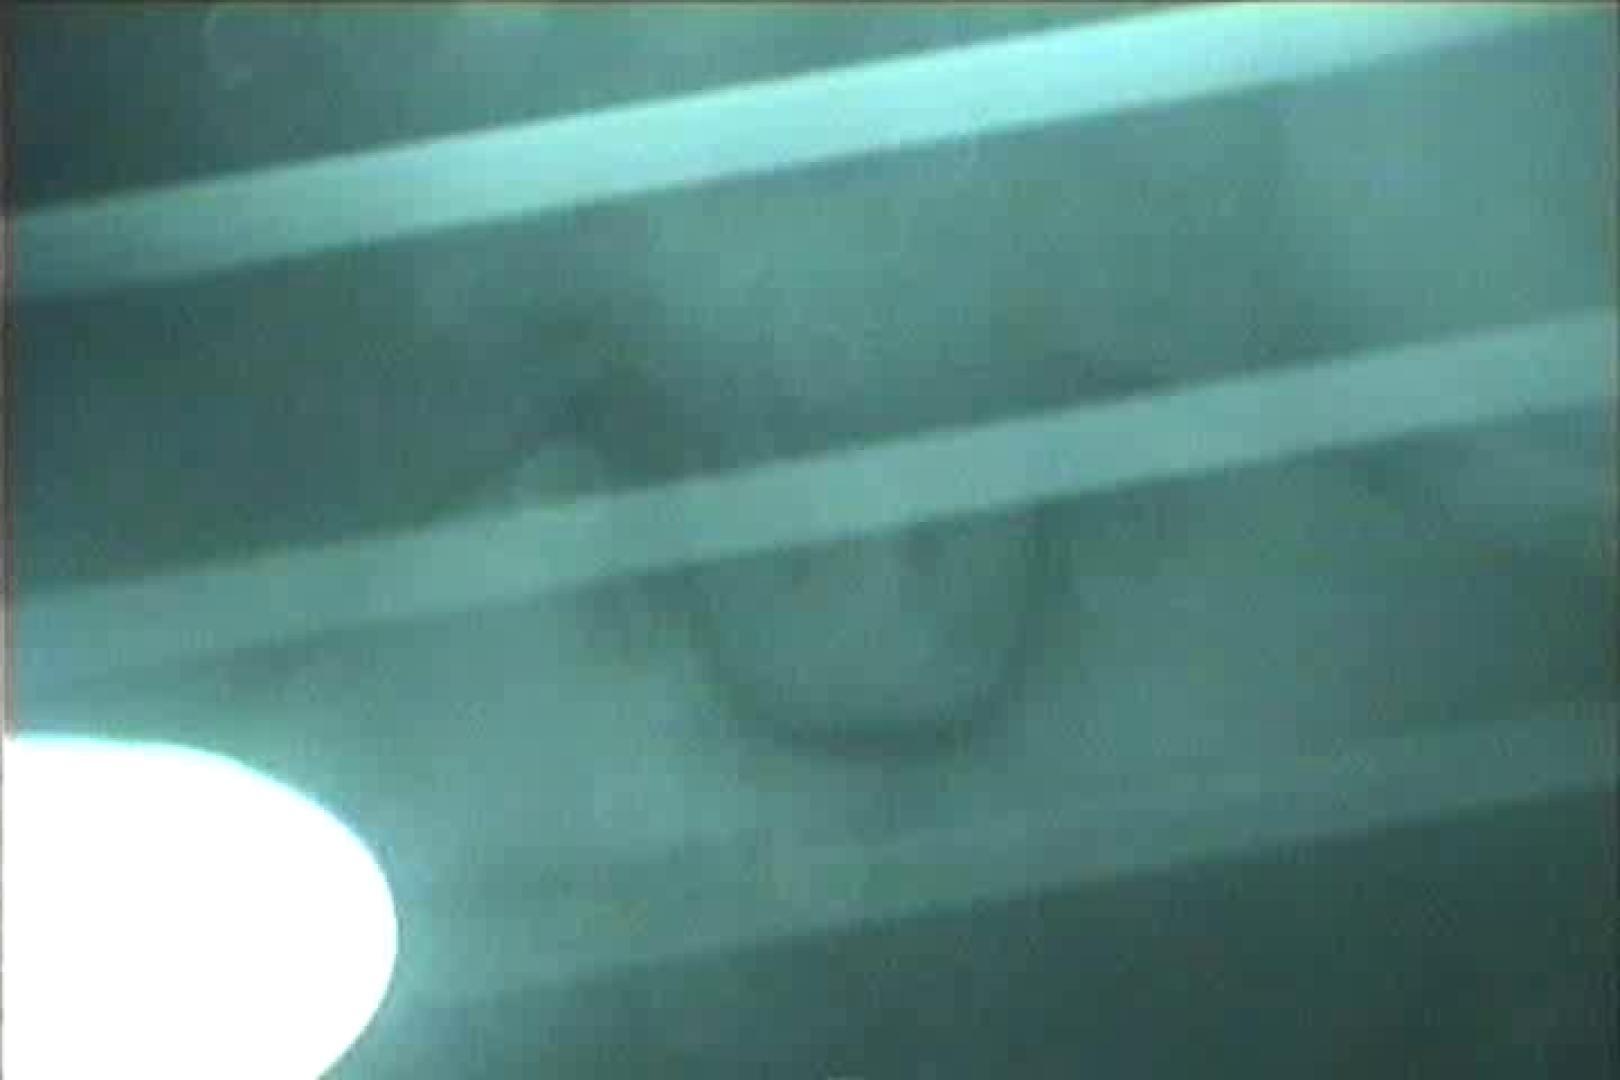 車の中はラブホテル 無修正版  Vol.24 カップル AV動画キャプチャ 78pic 54